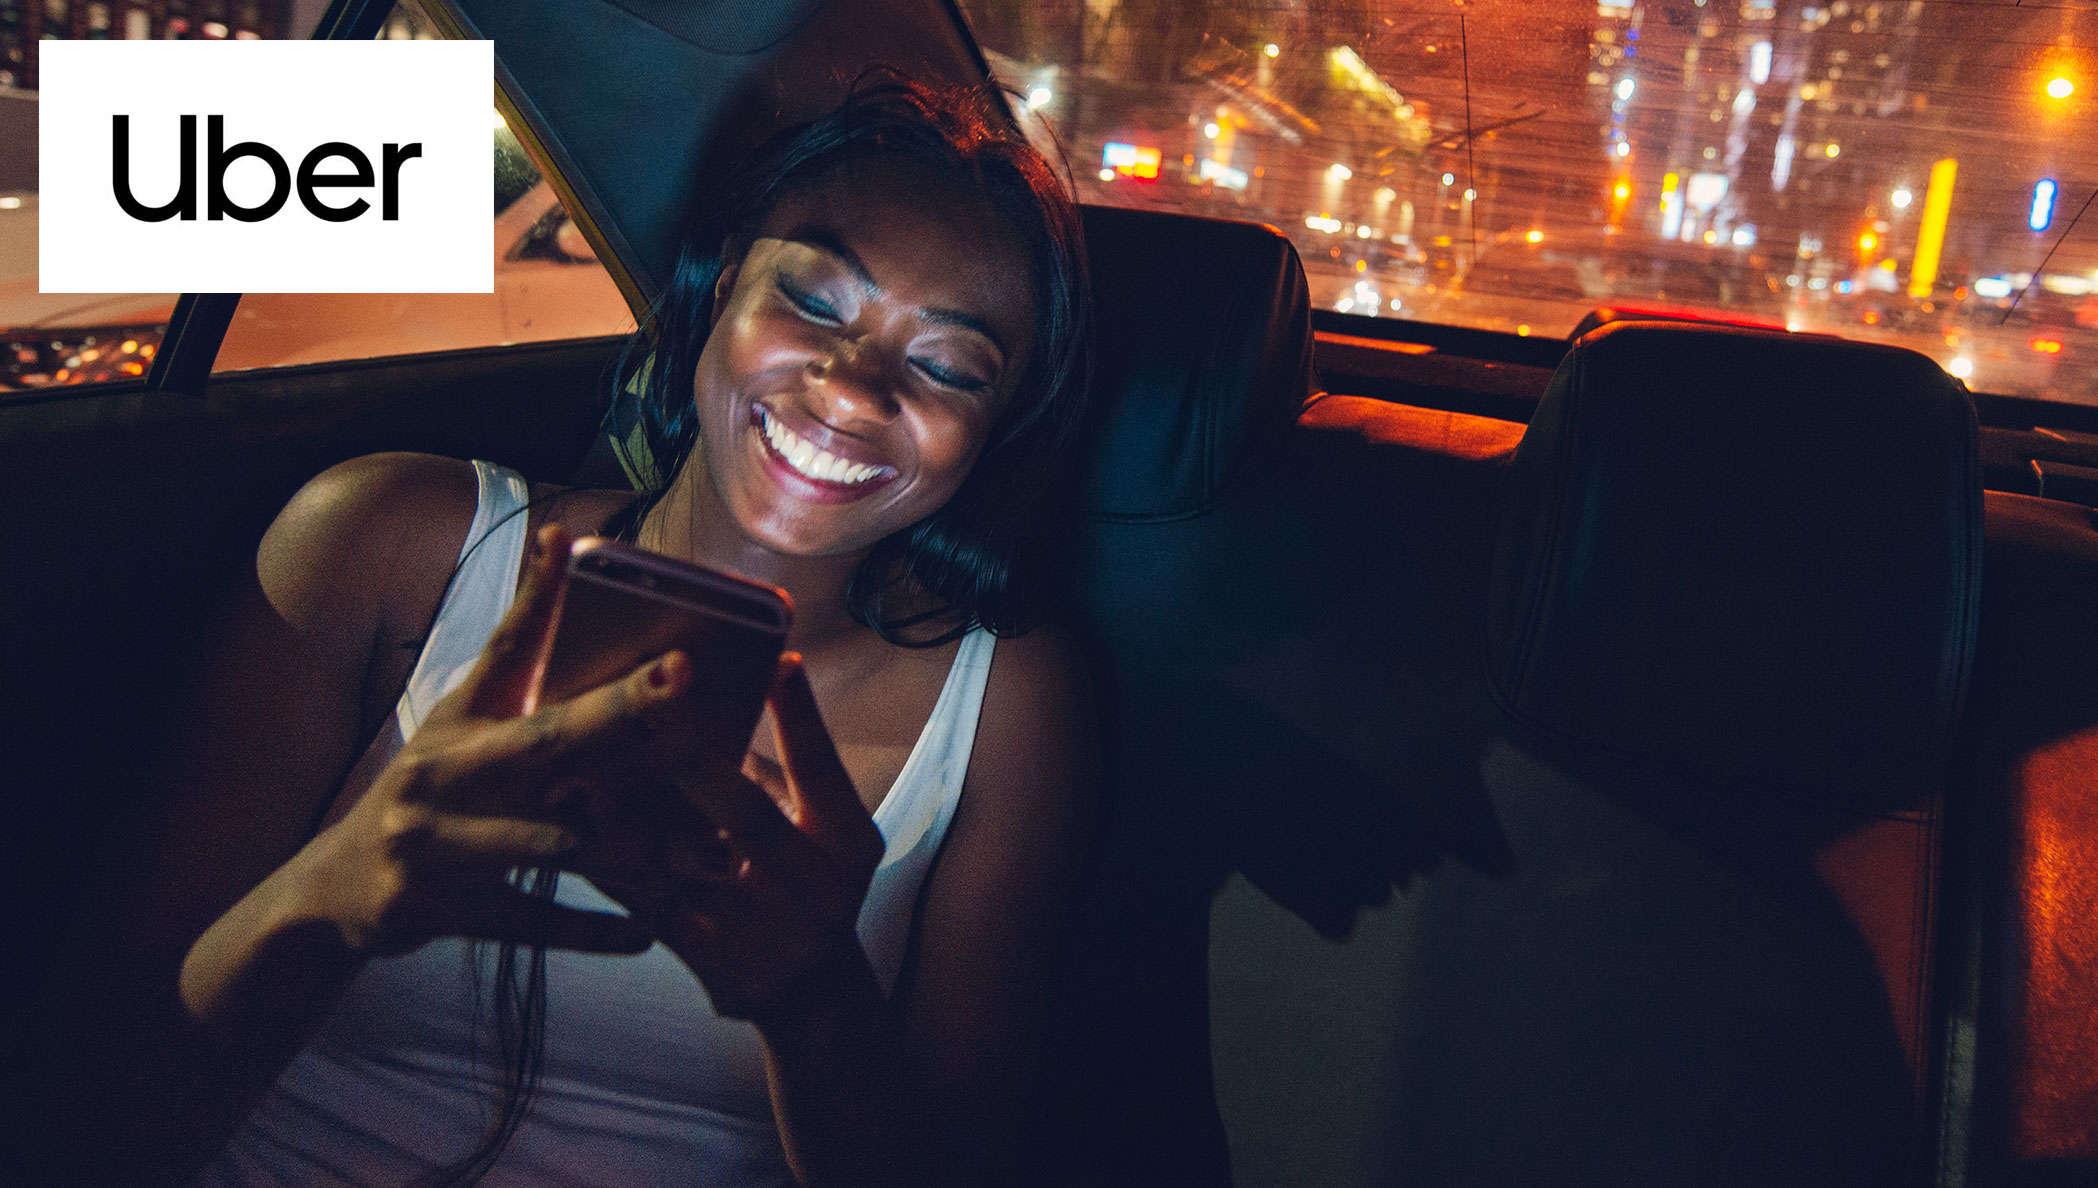 Logotipo da Uber com fundo de pessoa no celular dentro do carro